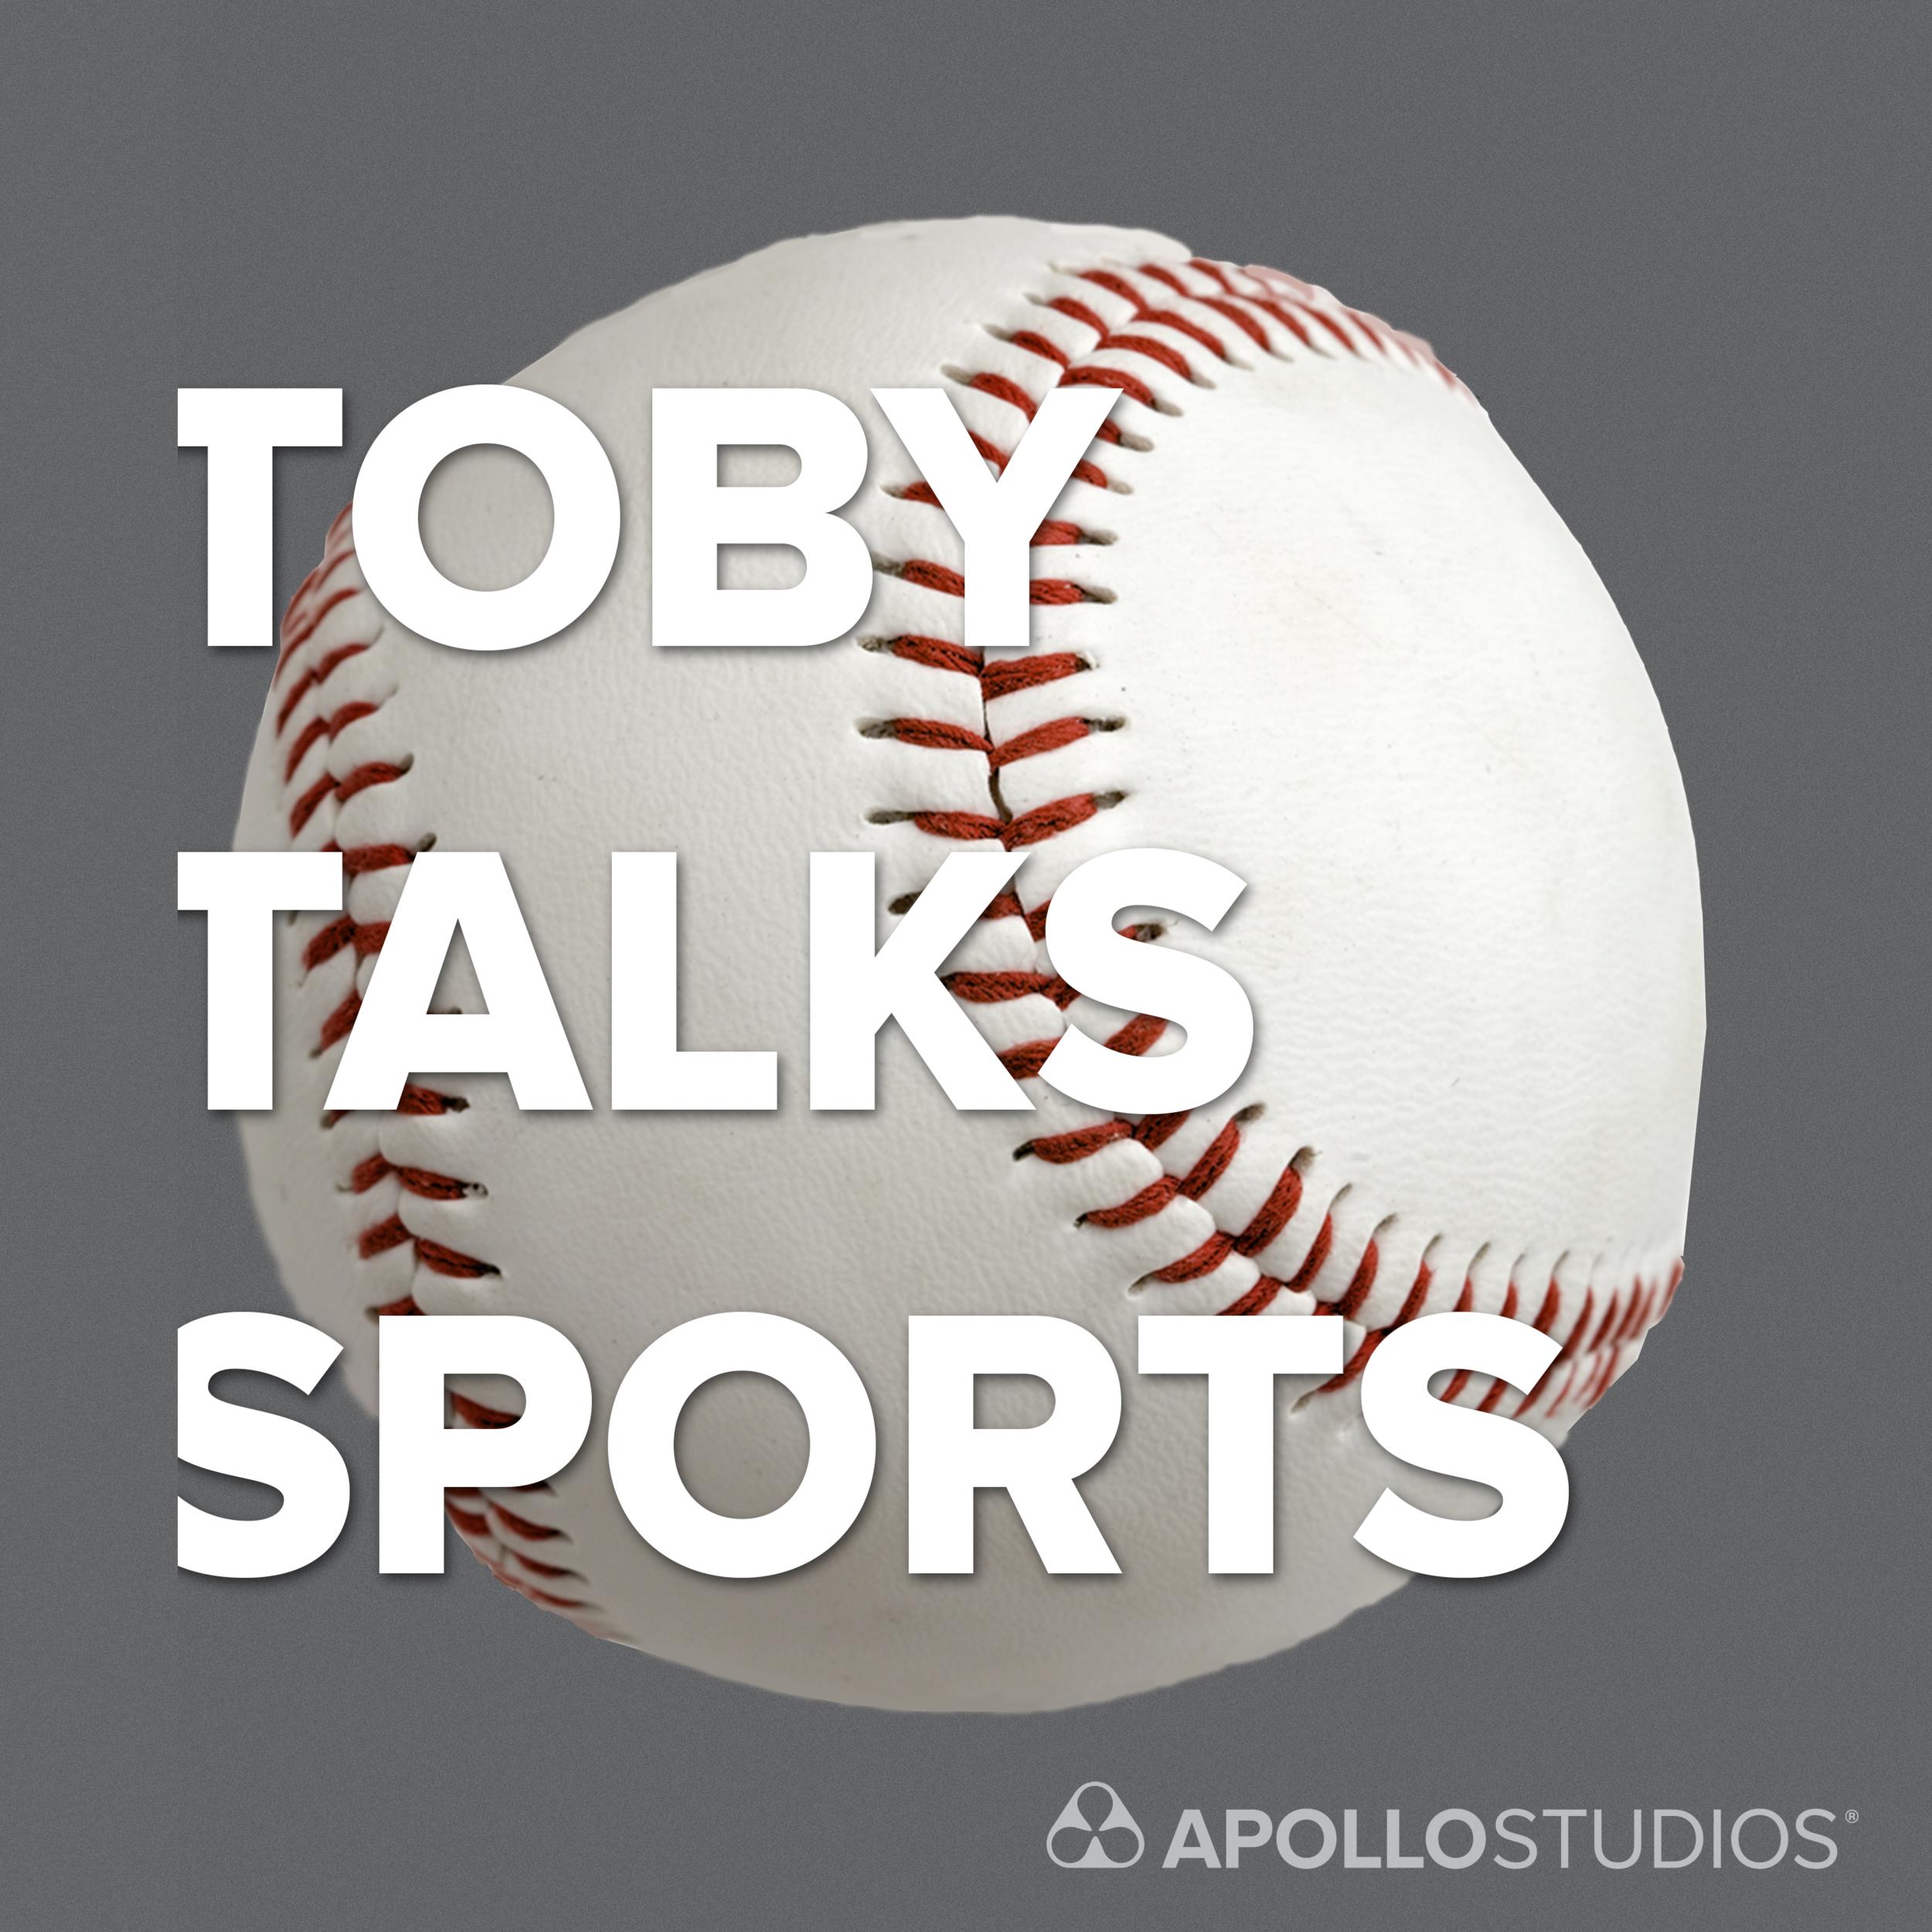 TOBY TALKS SPORTS